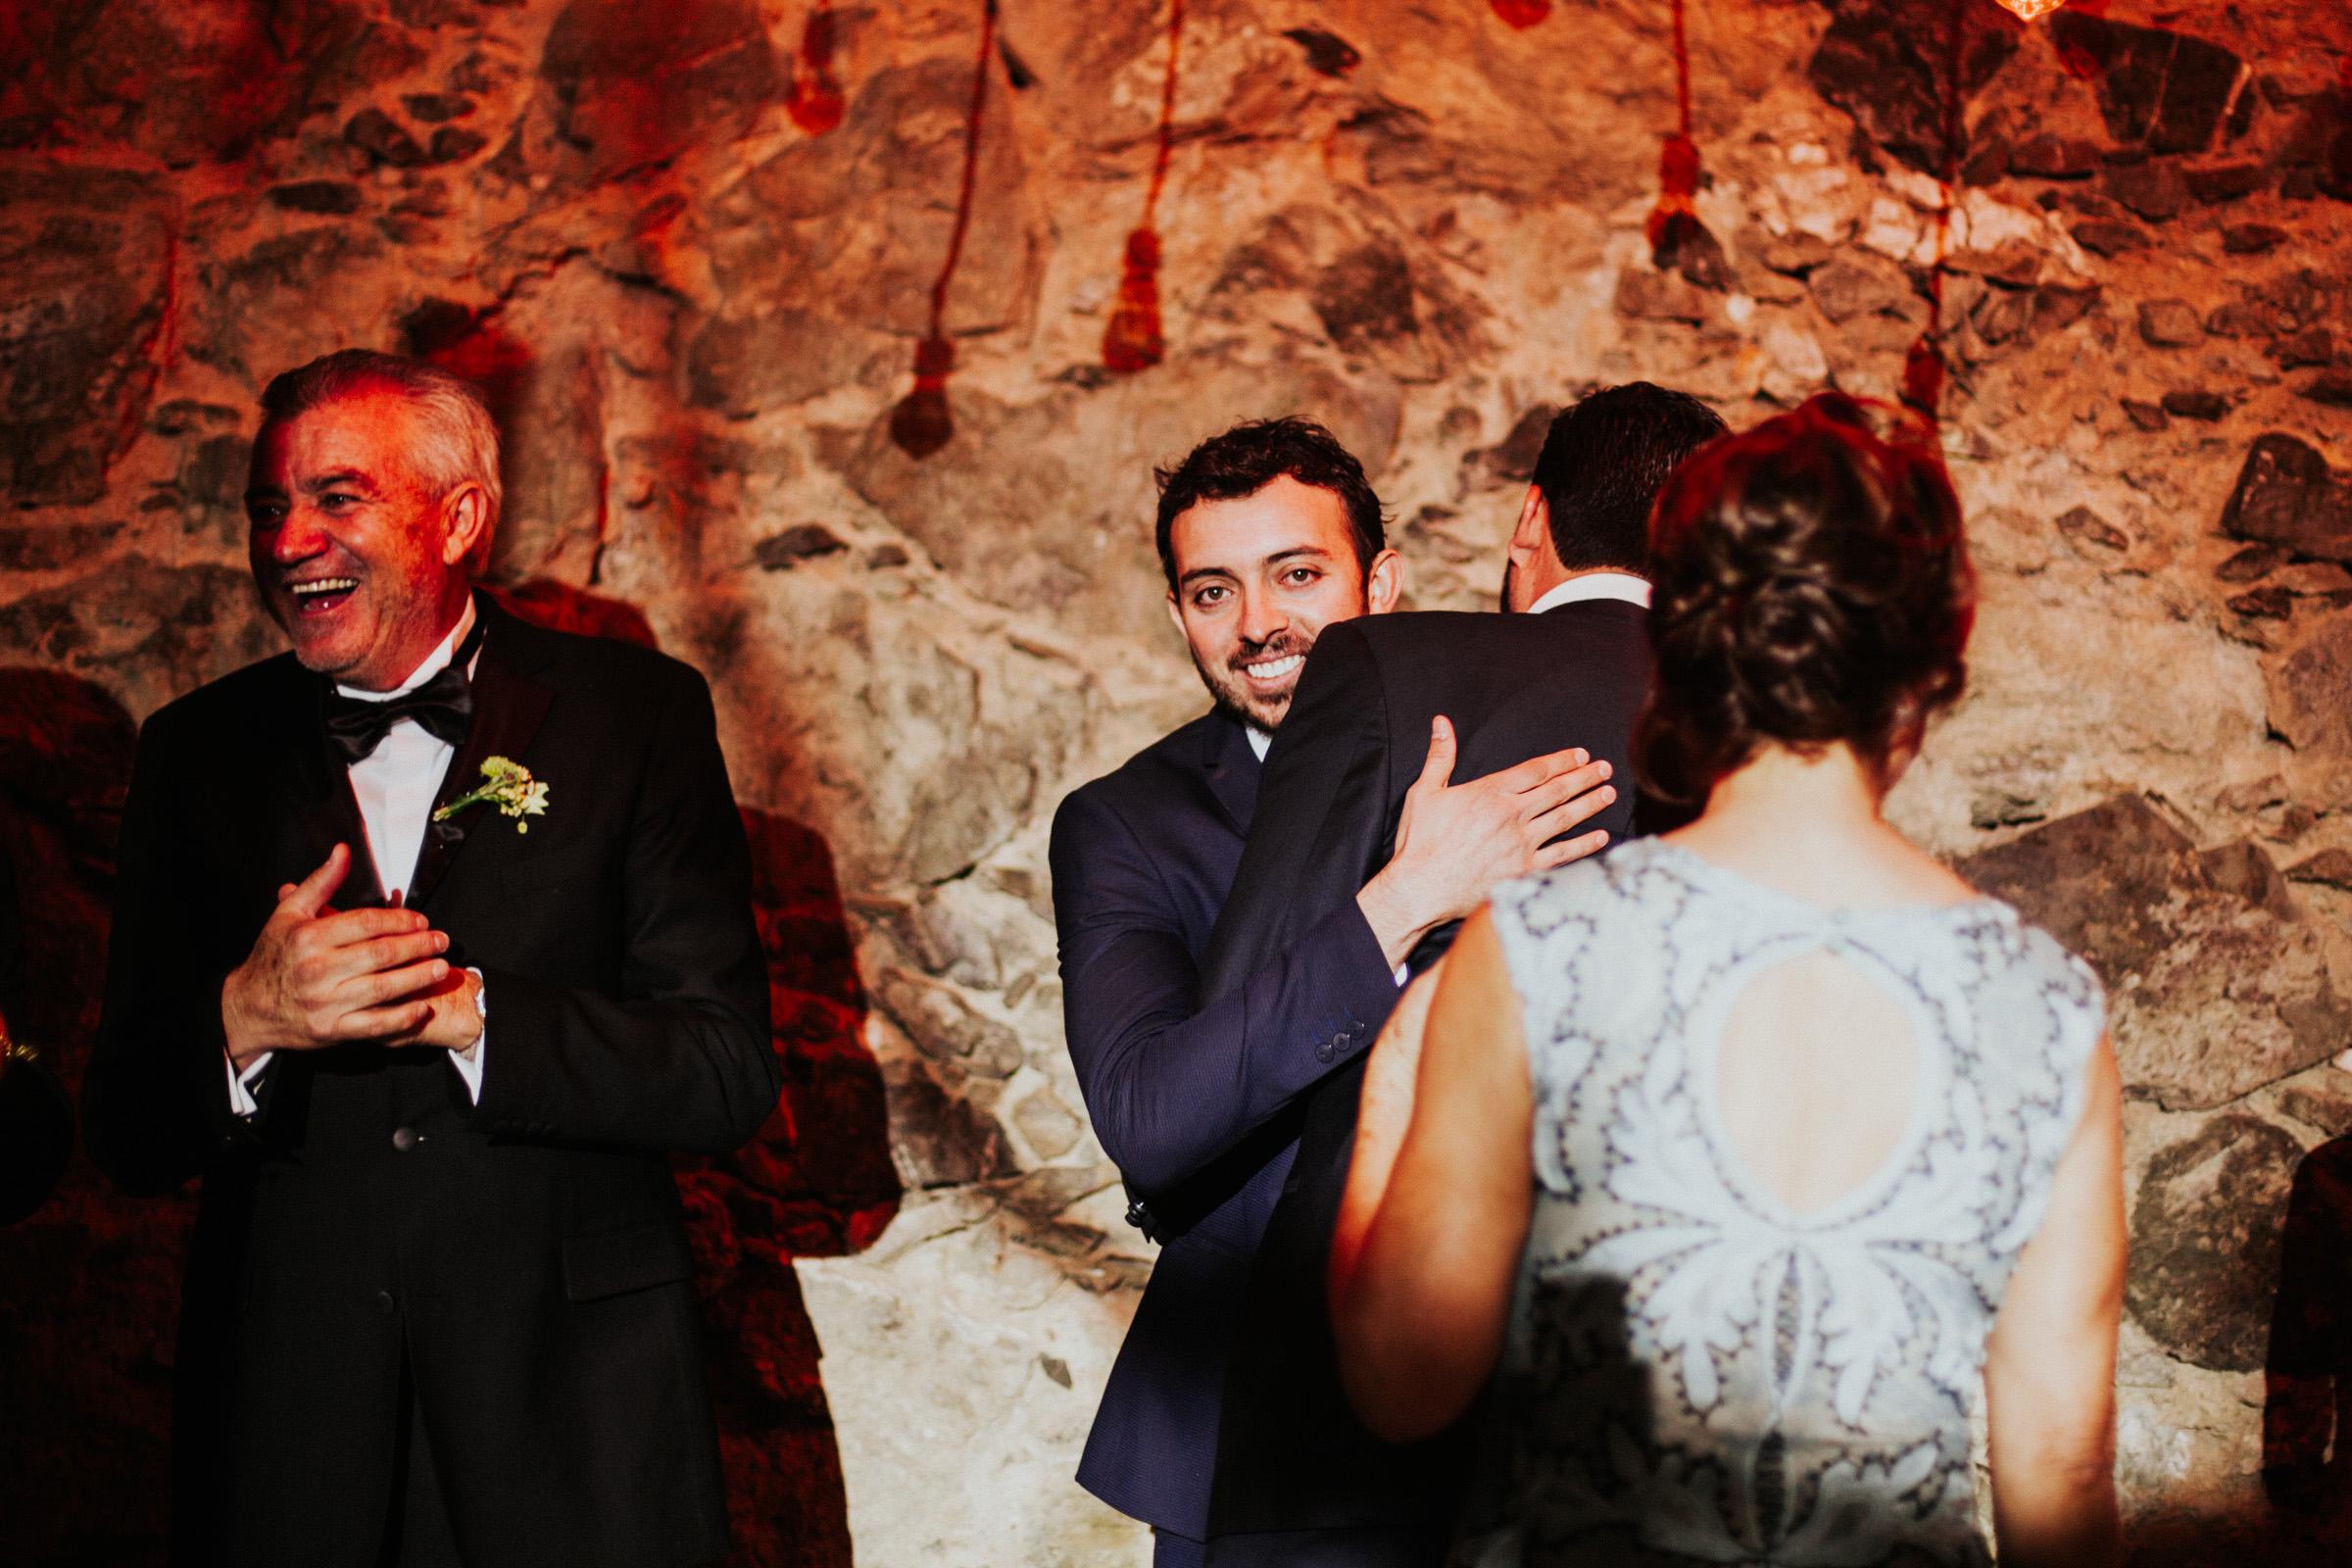 Boda-Guanajuato-Camino-de-Vinos-San-Miguel-Allende-Wedding-Fotografia-Paulina-Mauricio-Pierce0210.JPG